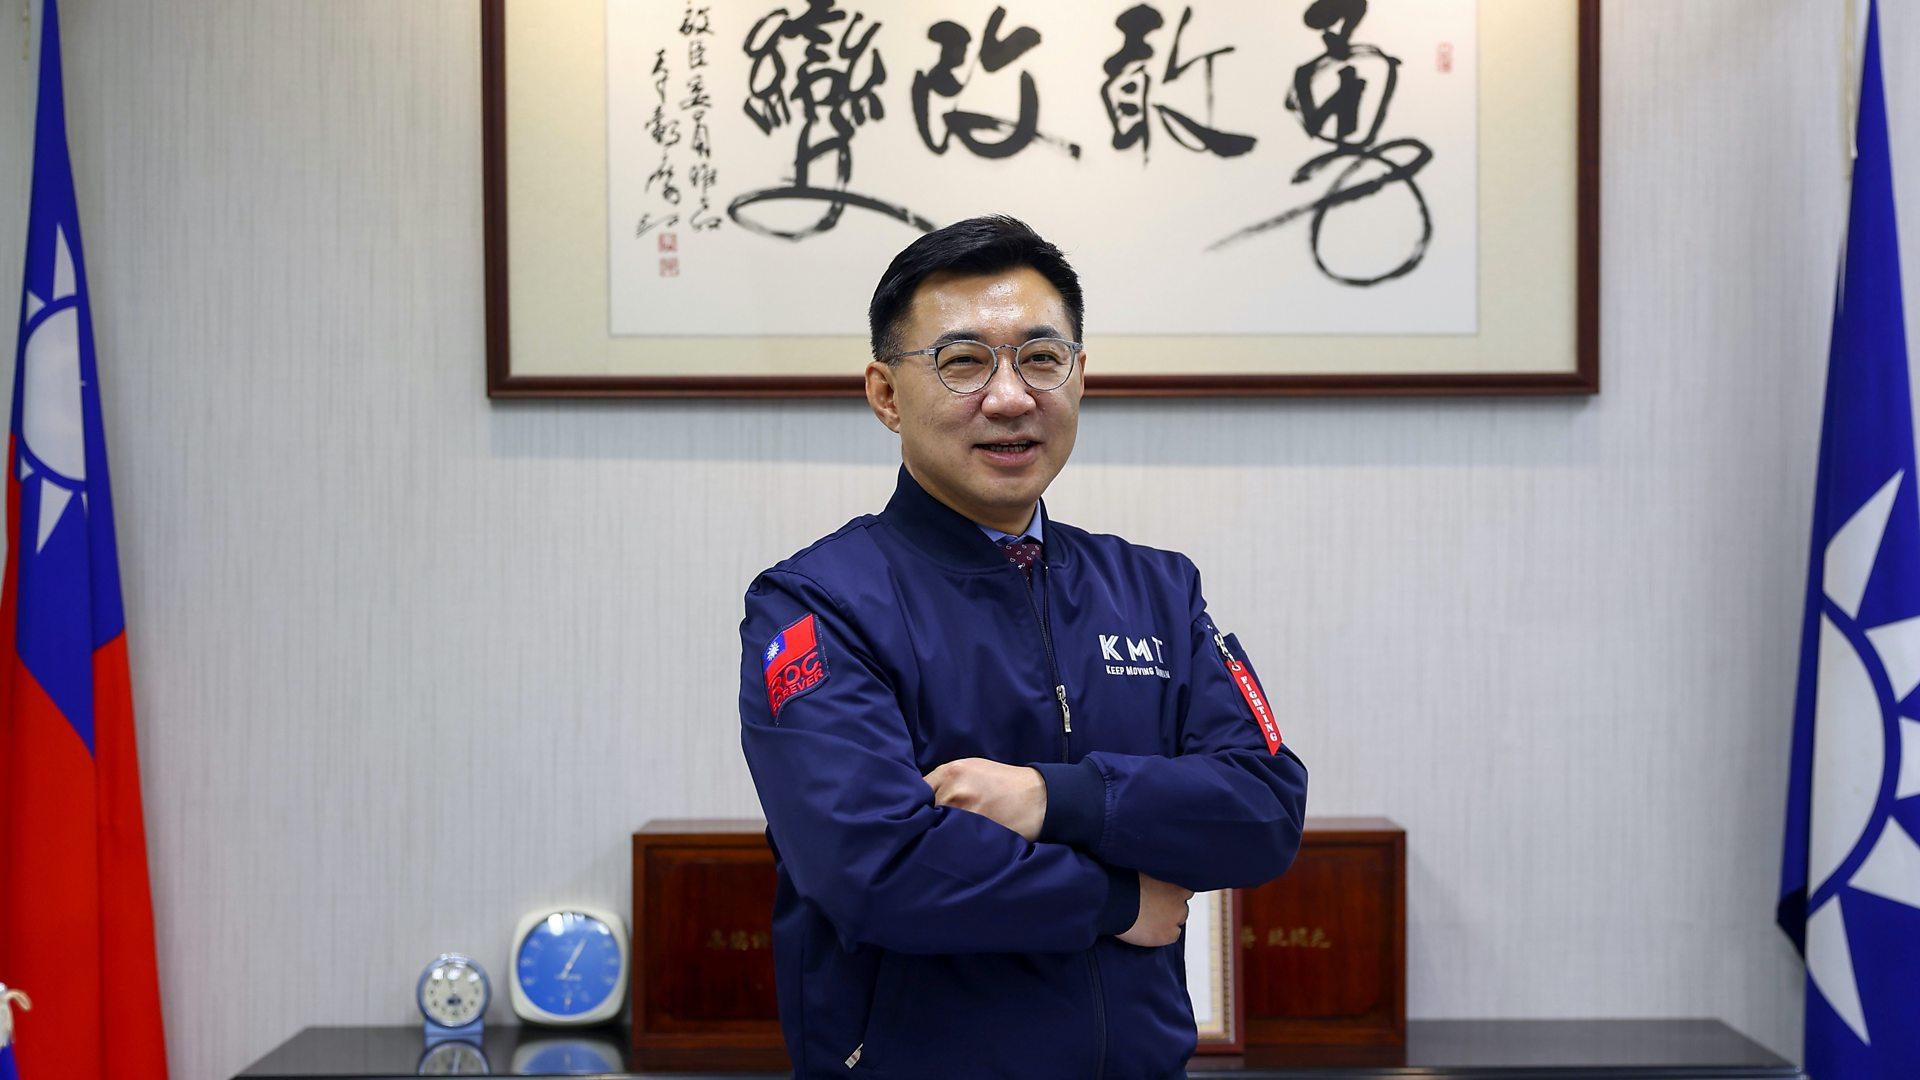 國民黨主席江啟臣:不急於與中國國家主席習近平會面